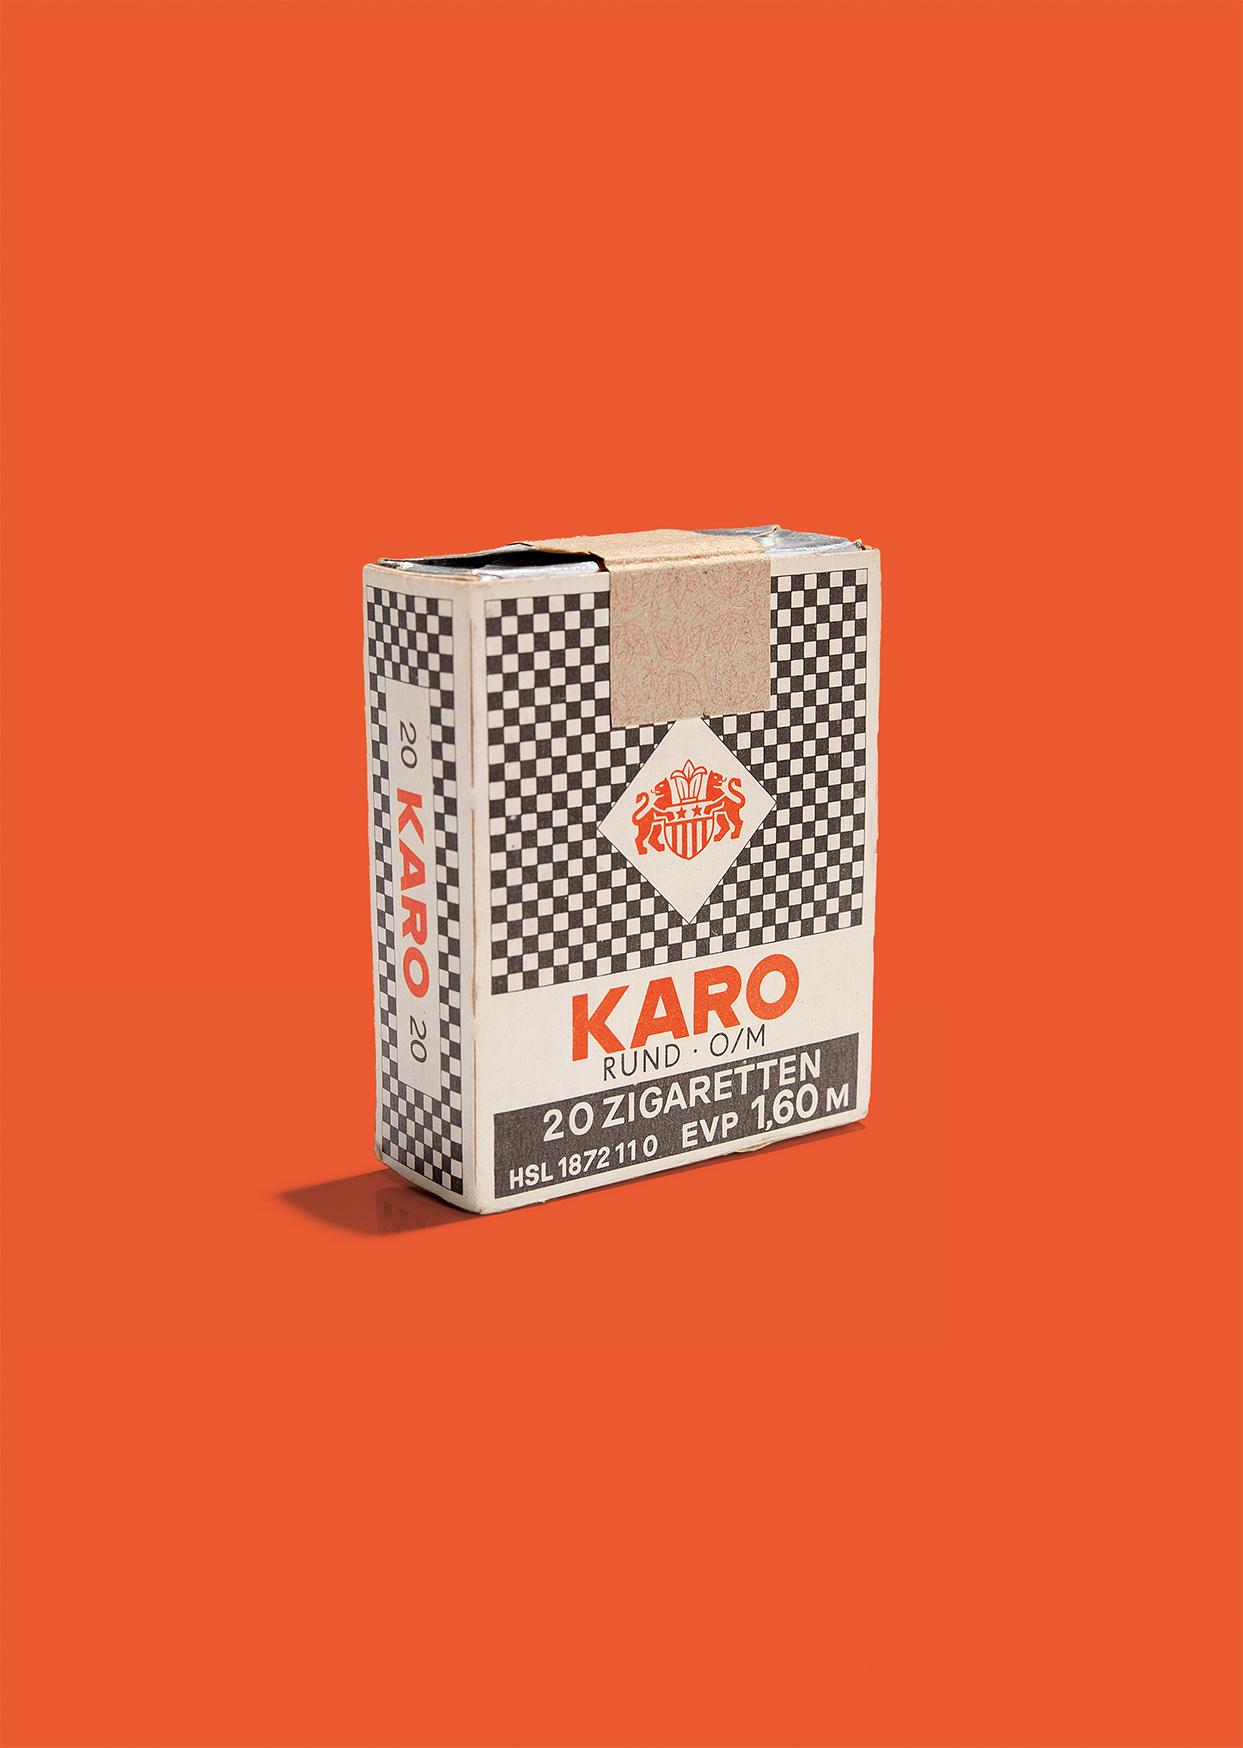 Kippen, die selbst in Liedern besungen wurden. Karo, nur Original ohne Filter. Foto: DDR Museum, Berlin 2020